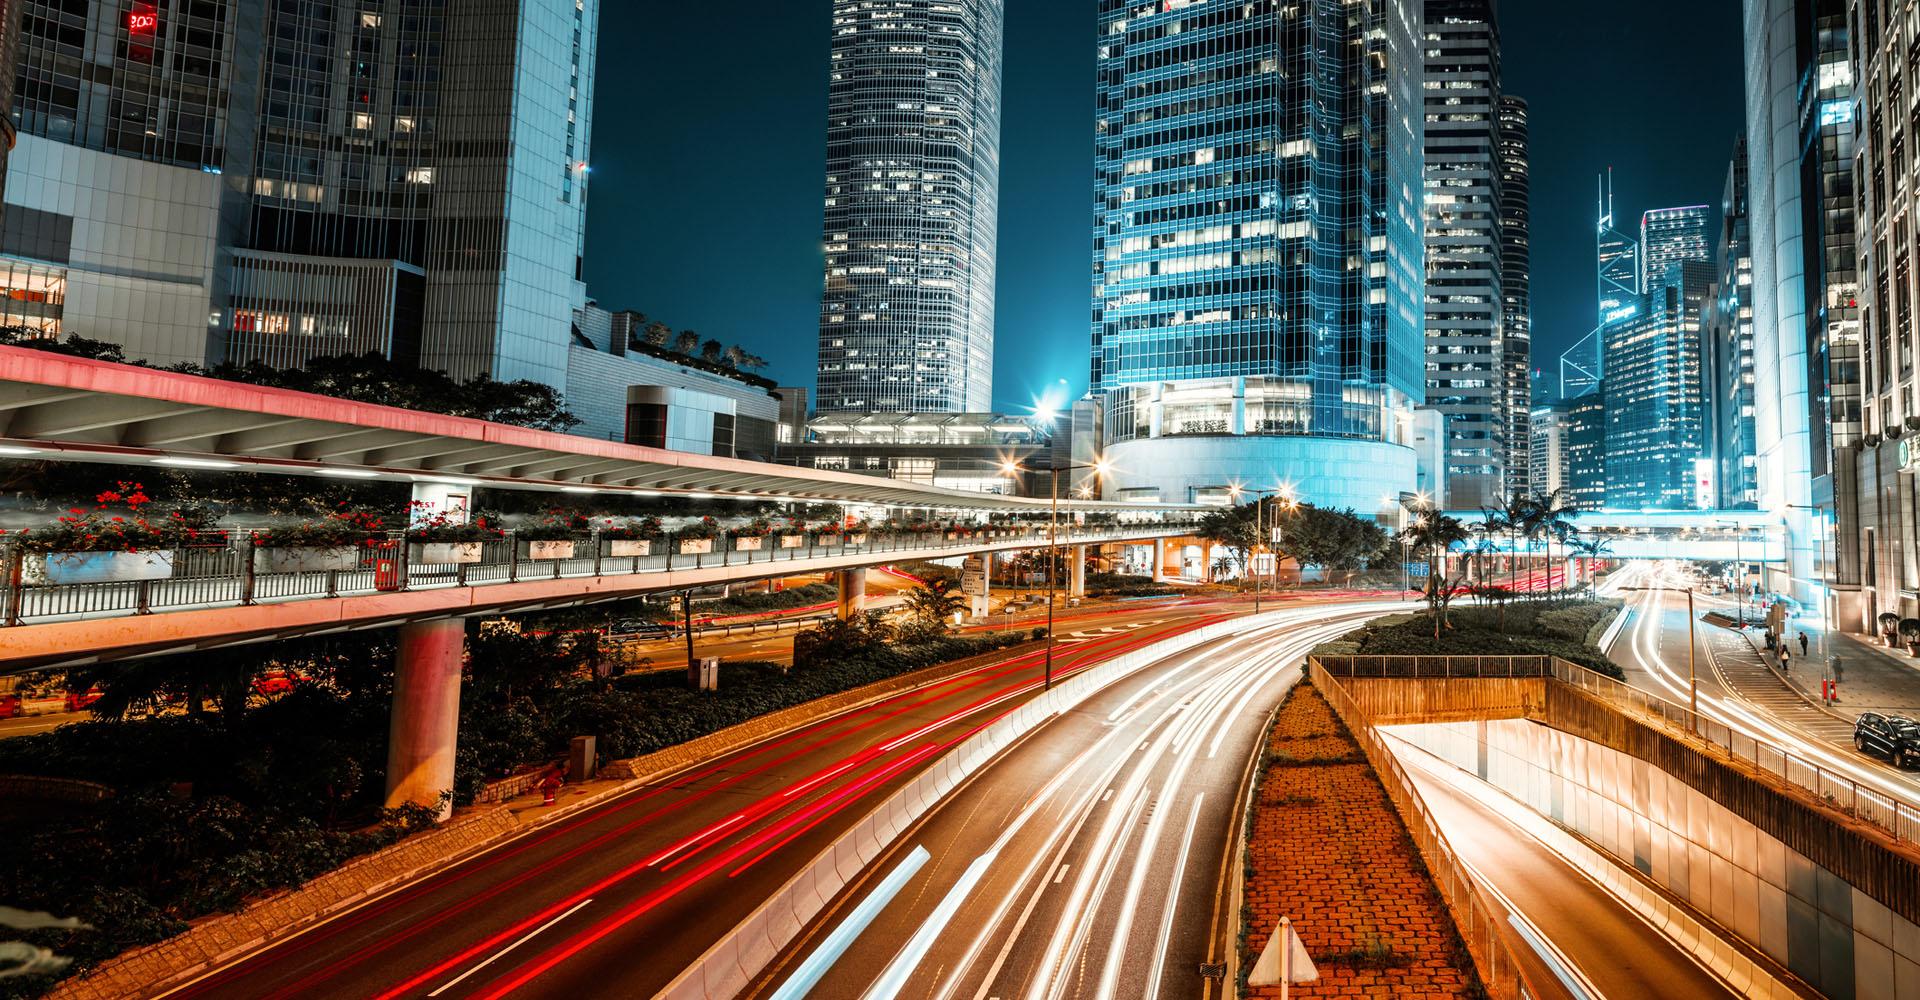 Hong Kong bei Nacht mit Lichtern von Autos